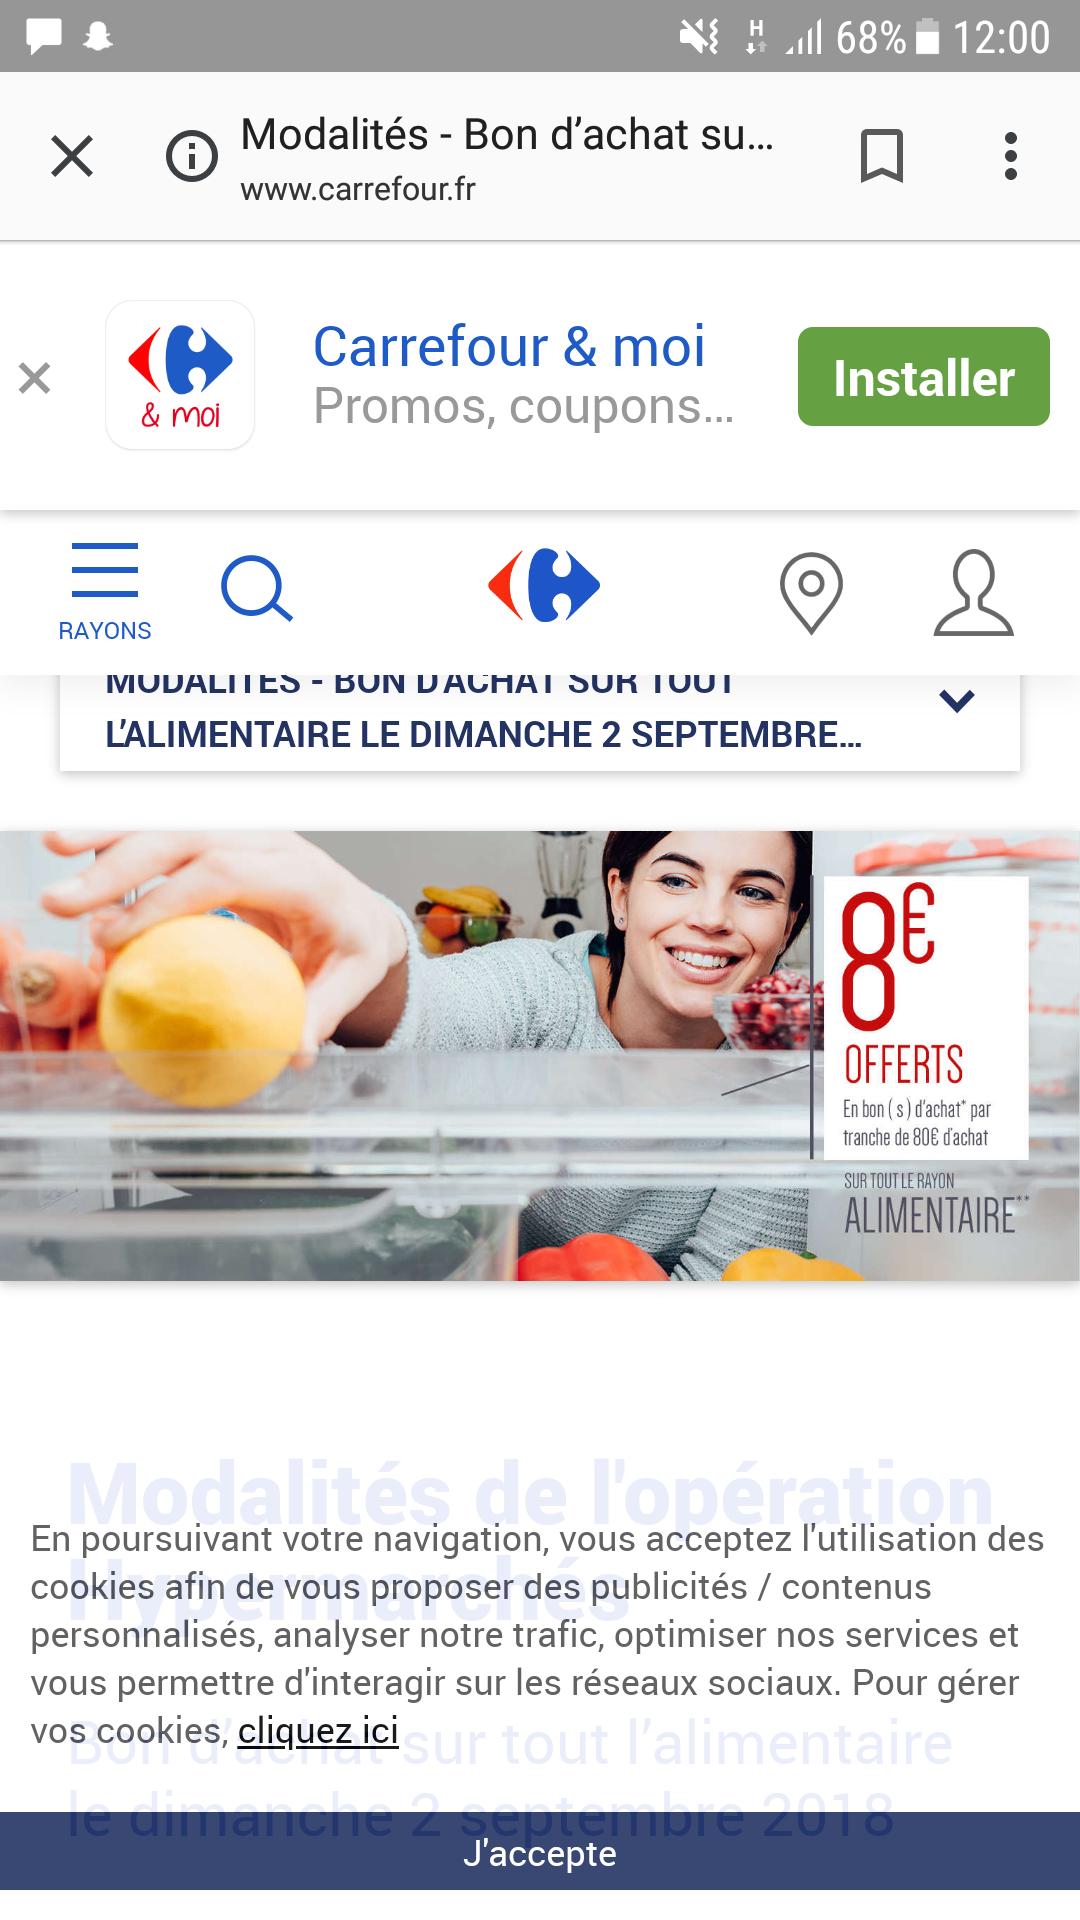 8€ offert dès 80€ d'achat chez carrefour et sur le drive (sous conditions)